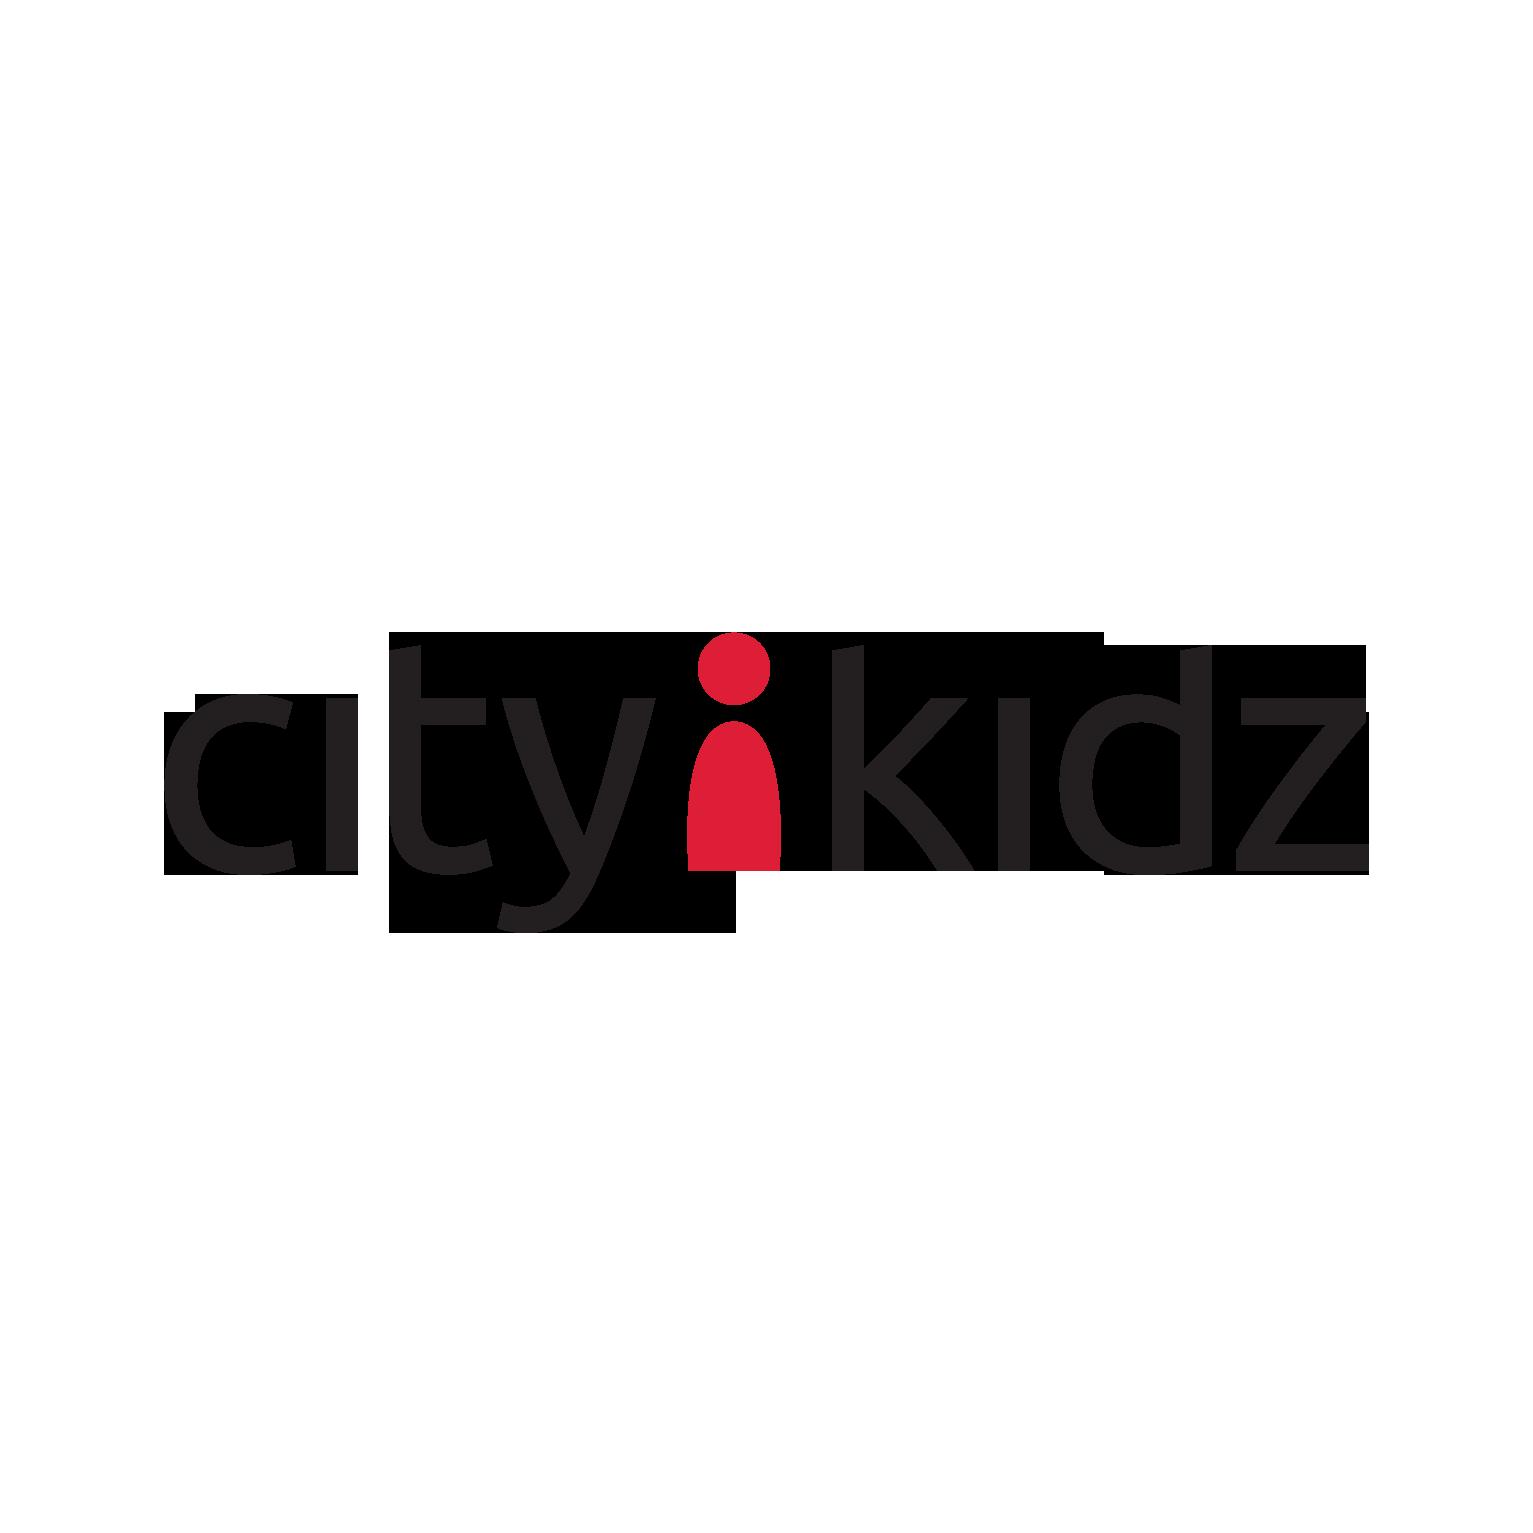 citykidz logo CMYK POS (1).png